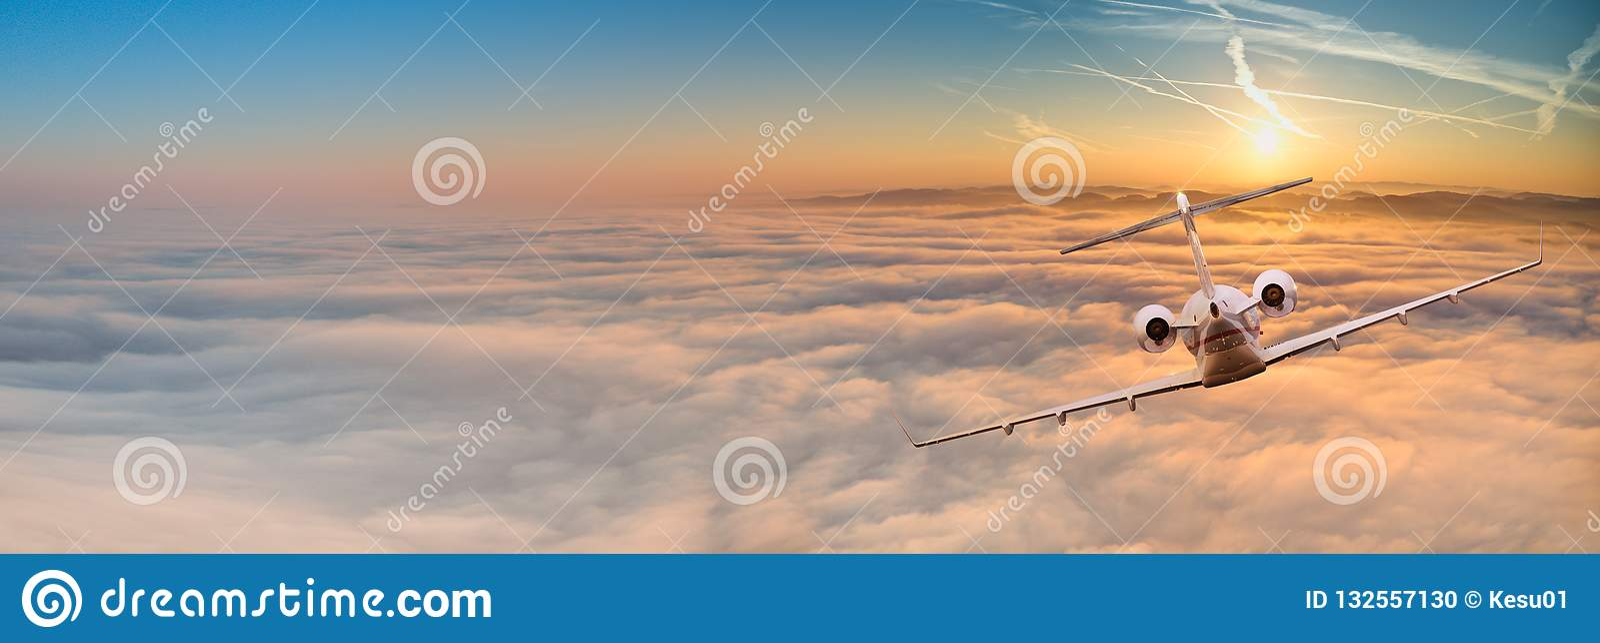 Voo do plano de jato privado acima das nuvens dramáticas